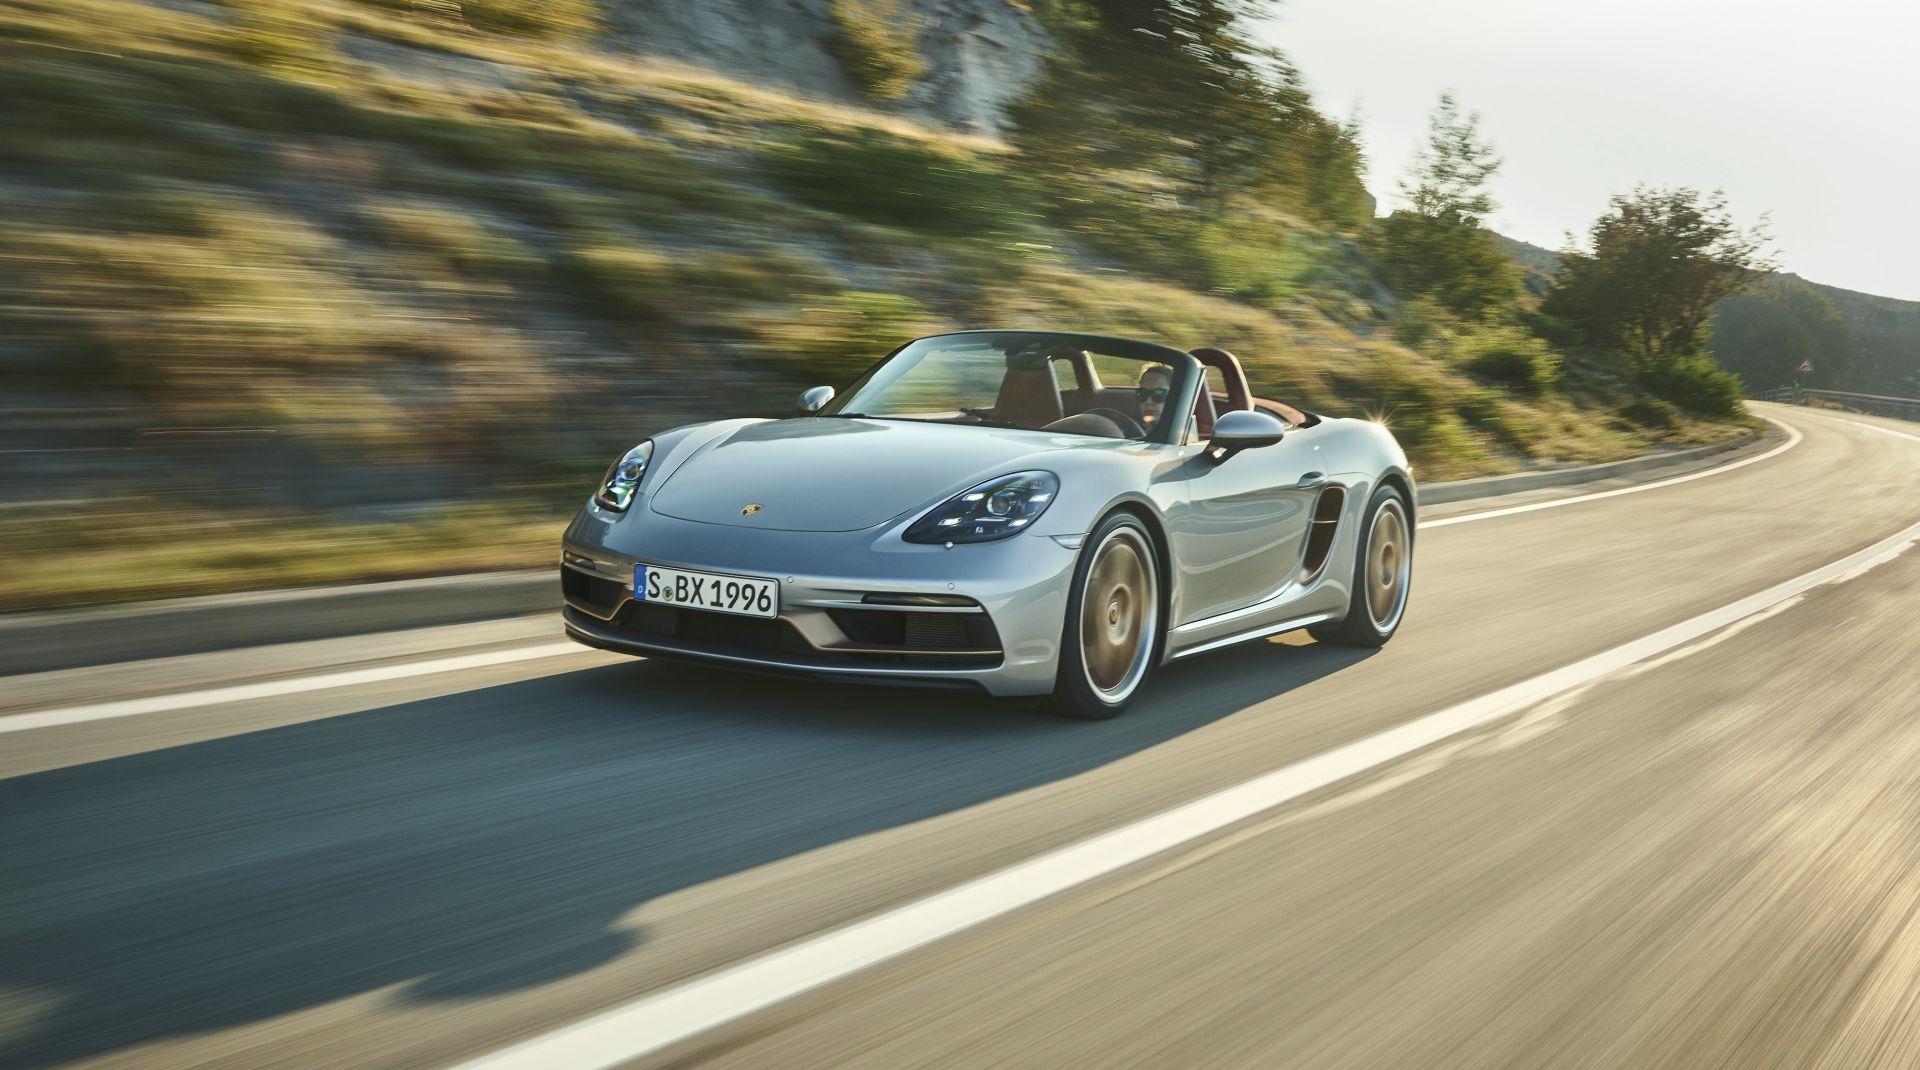 Porsche Boxster slavi 25. rođendan uz specijalnu ograničenu seriju 25 Years